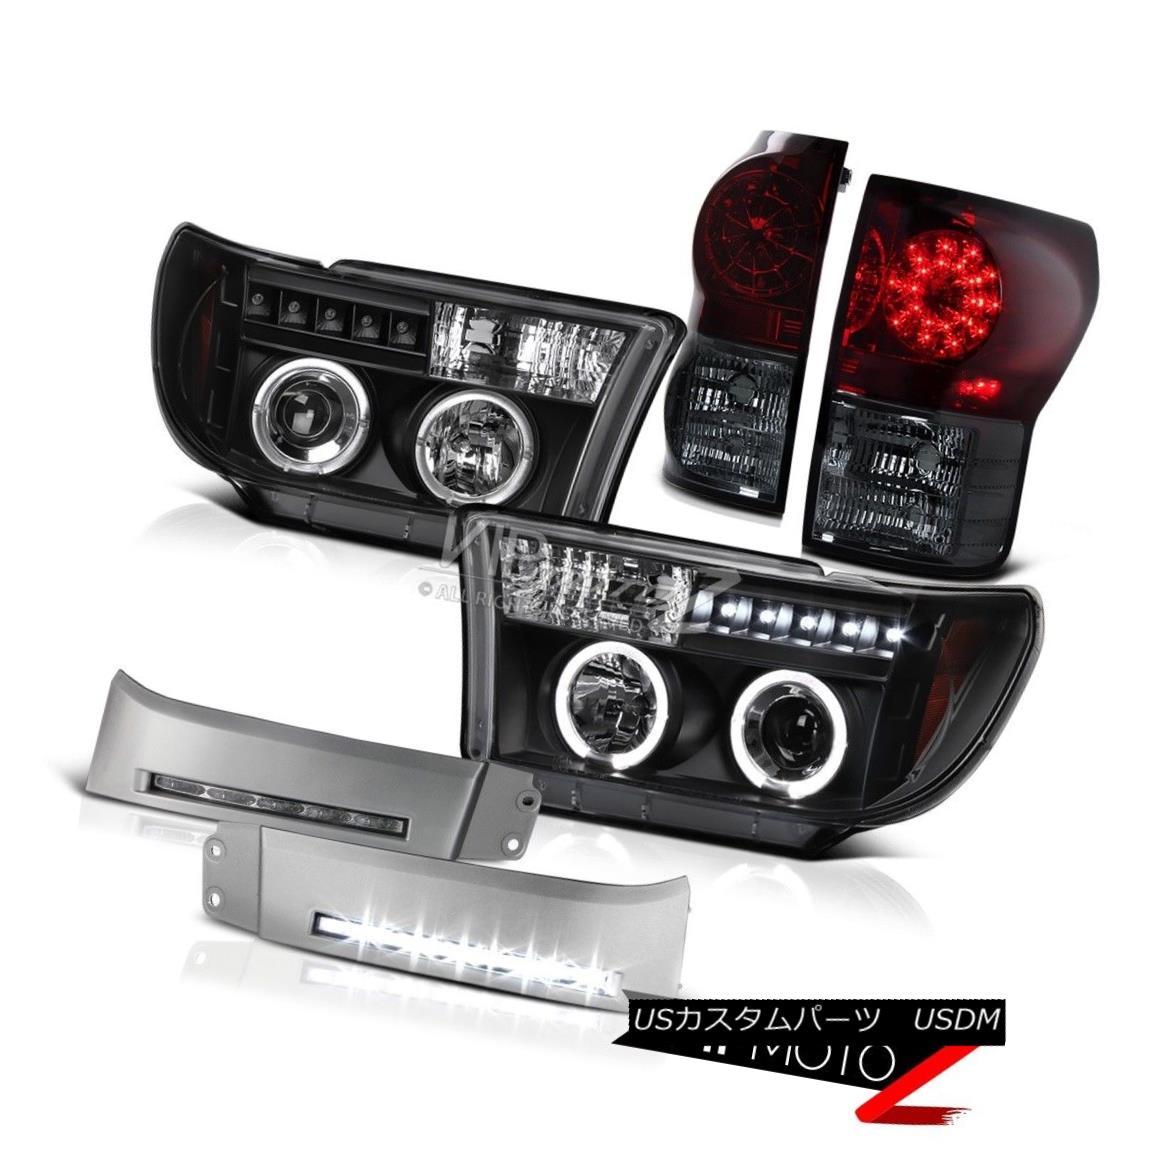 ヘッドライト 2007-2013 Tundra Extended Standard Crew Wine Red Tail Light Halo Headlights LED 2007-2013 Tundra Extended StandardクルーワインレッドテールライトHaloヘッドライトLED